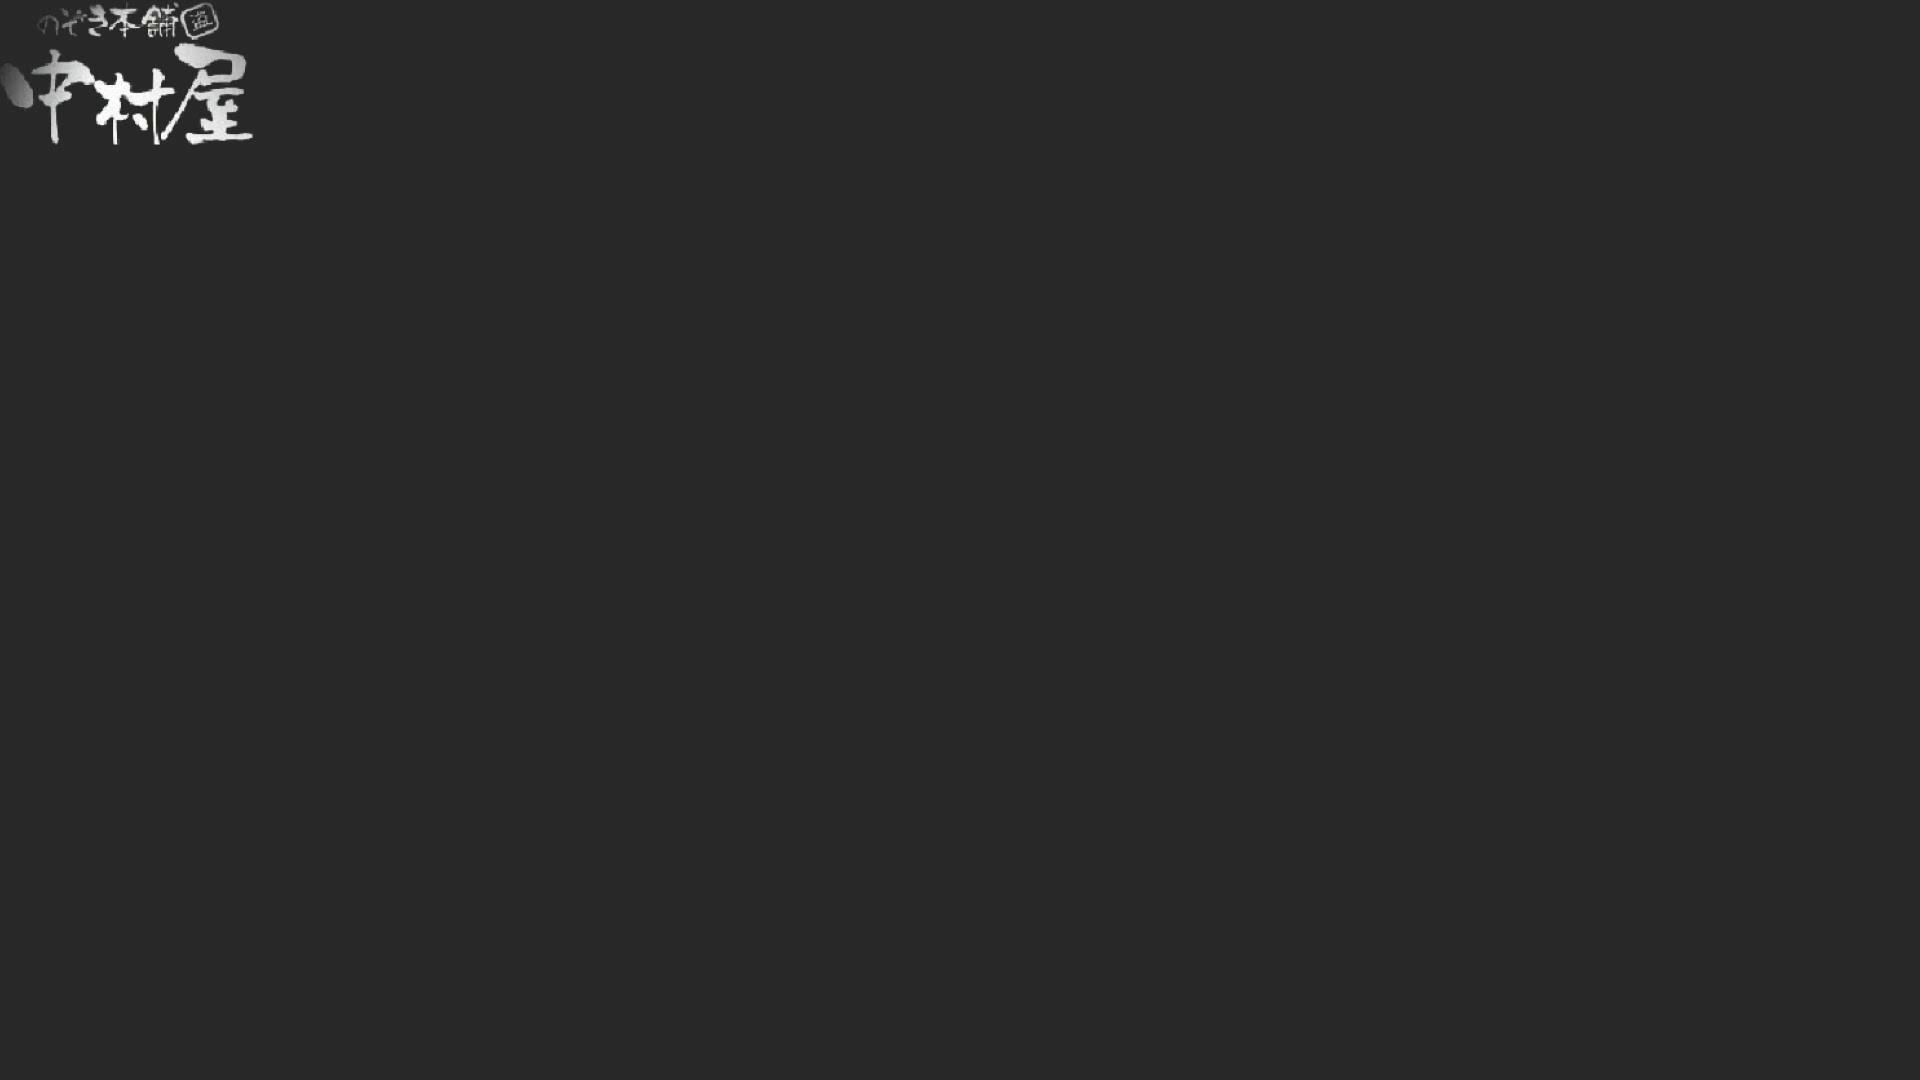 お漏らし寸前デパトイレ盗撮!Vol.11 トイレ 盗撮AV動画キャプチャ 78画像 65